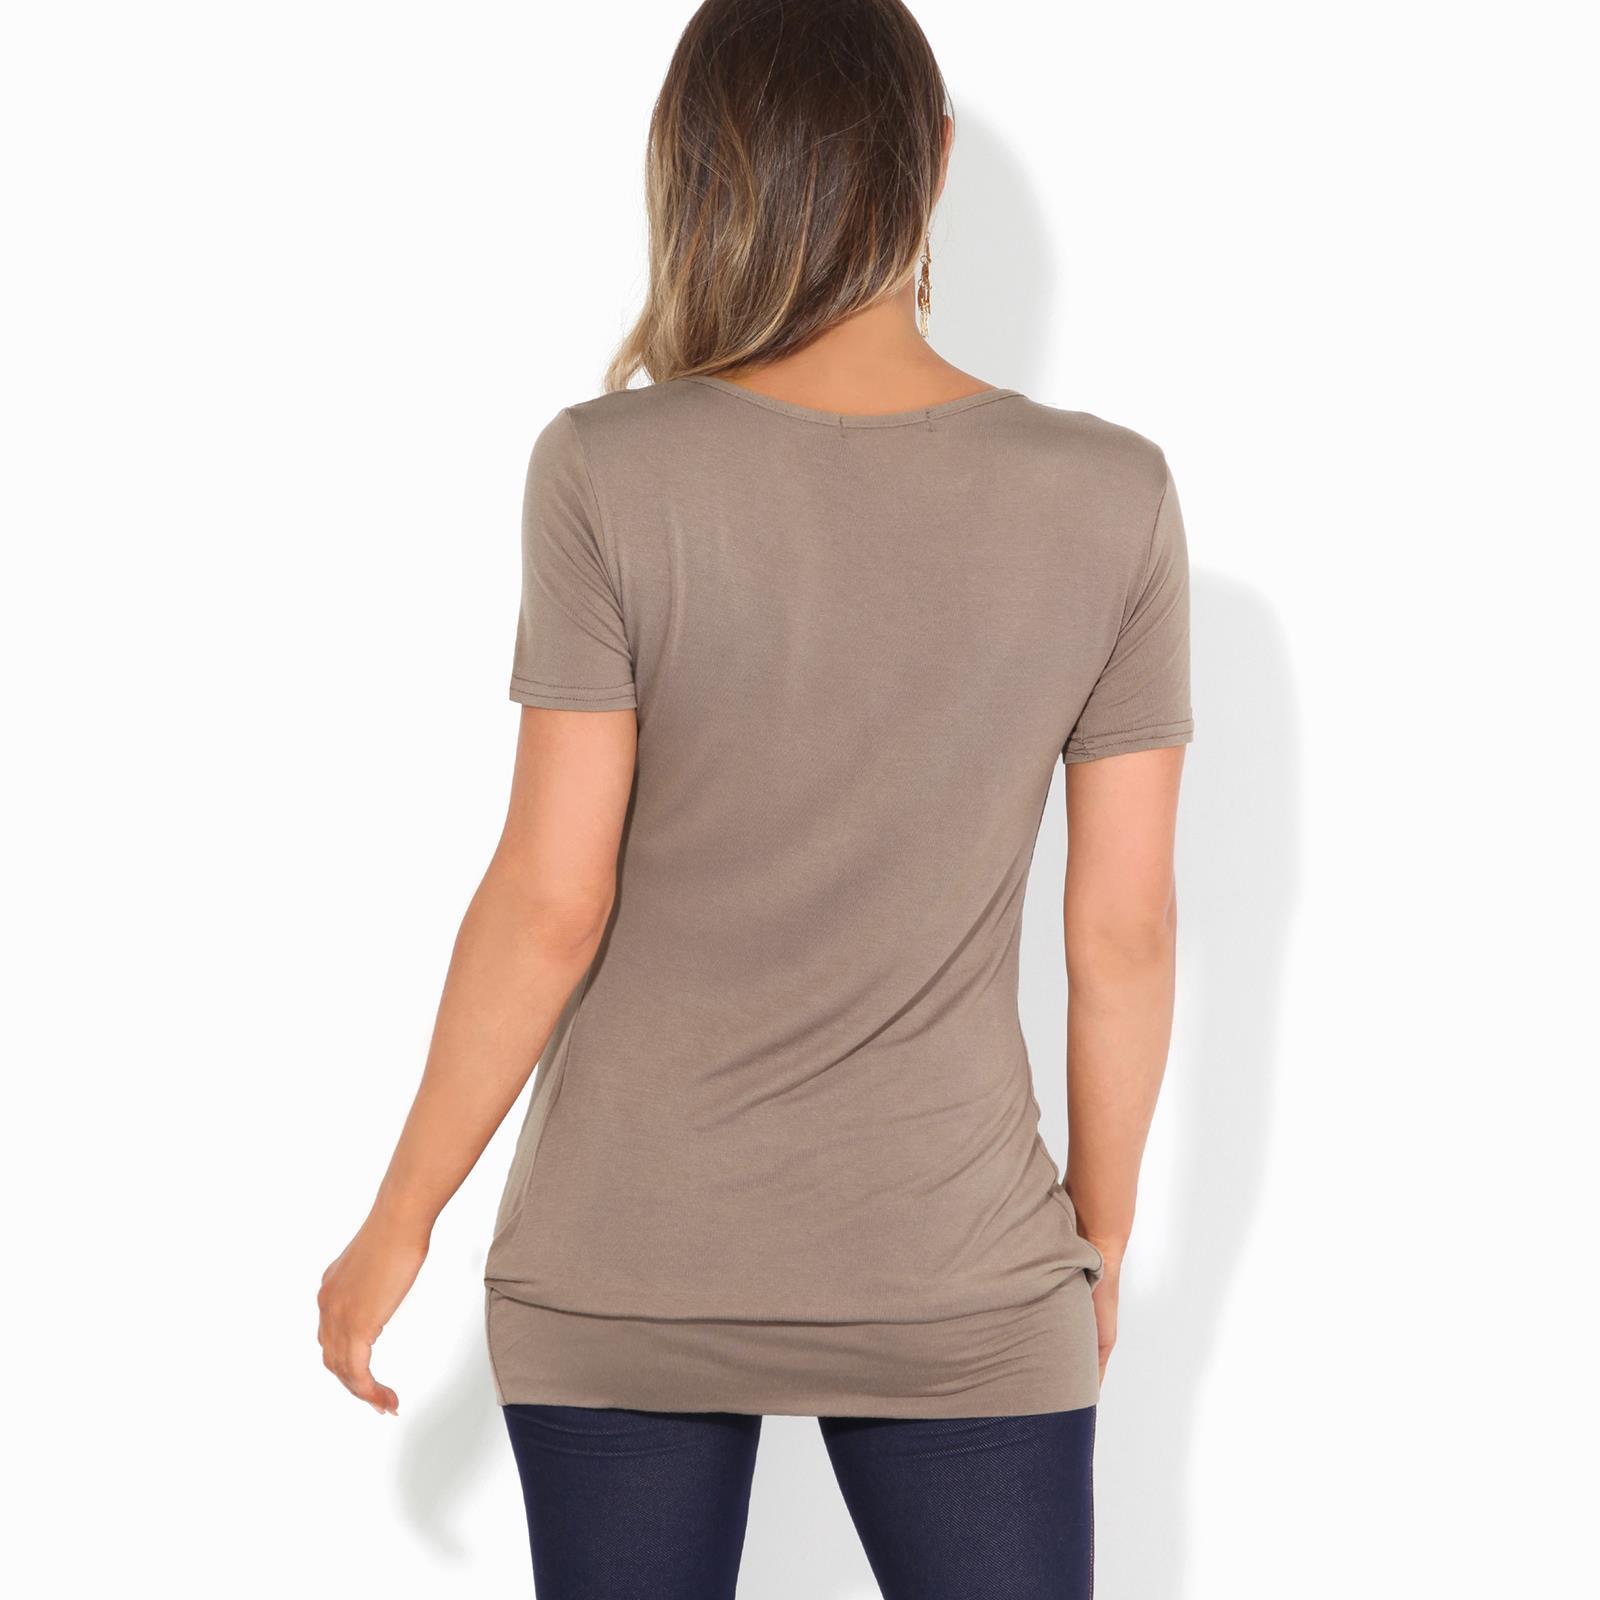 Femmes-Top-Haut-Chemisier-T-Shirt-Chemise-Blouse-Tunique-Long-Grandes-Tailles miniature 9